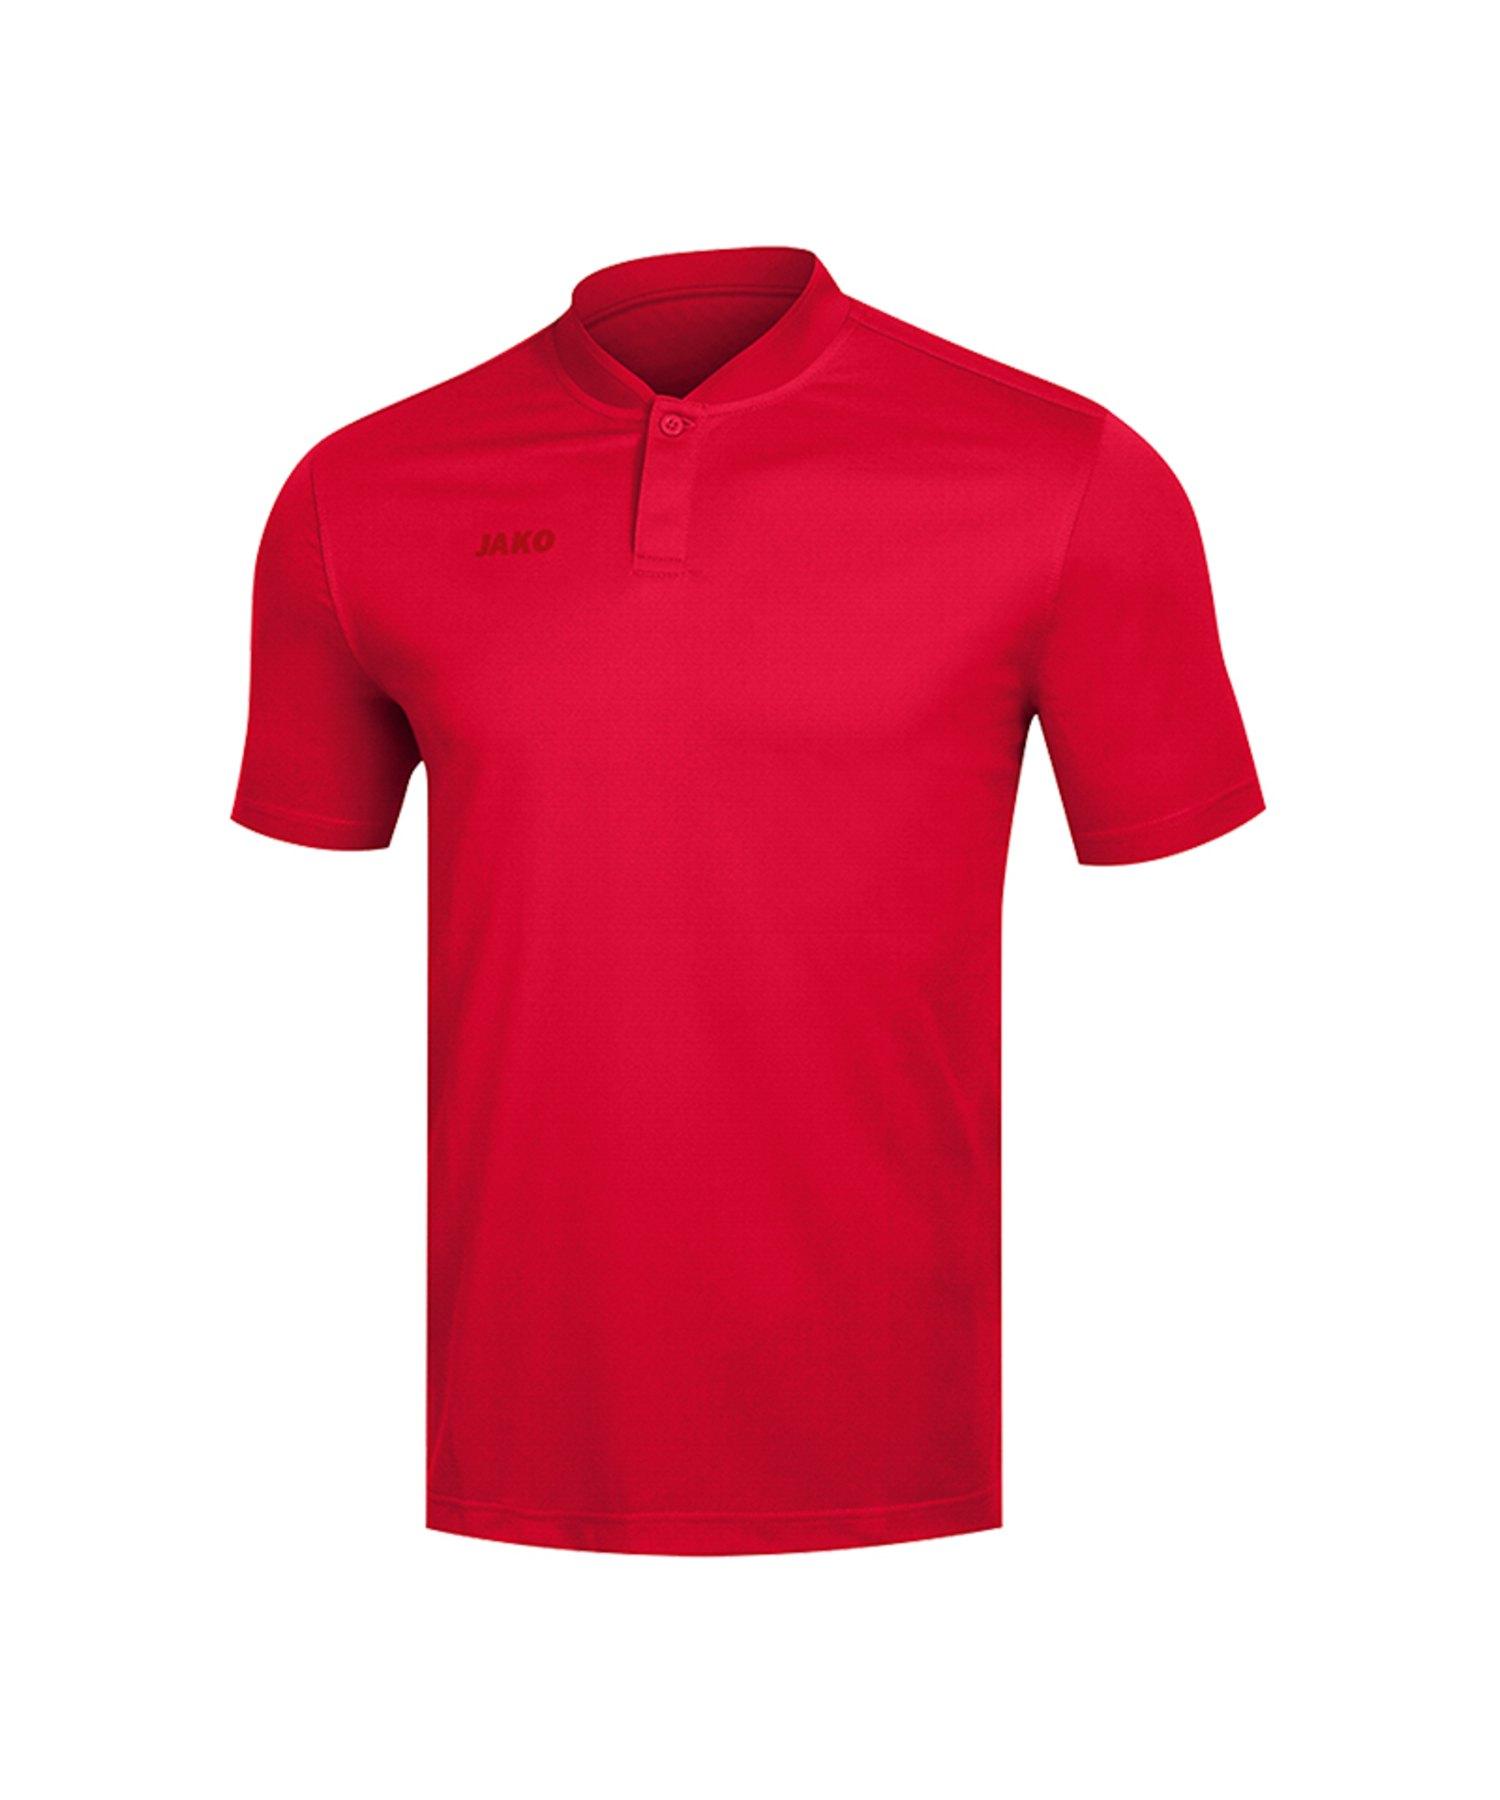 Jako Prestige Poloshirt Rot F01 - Rot